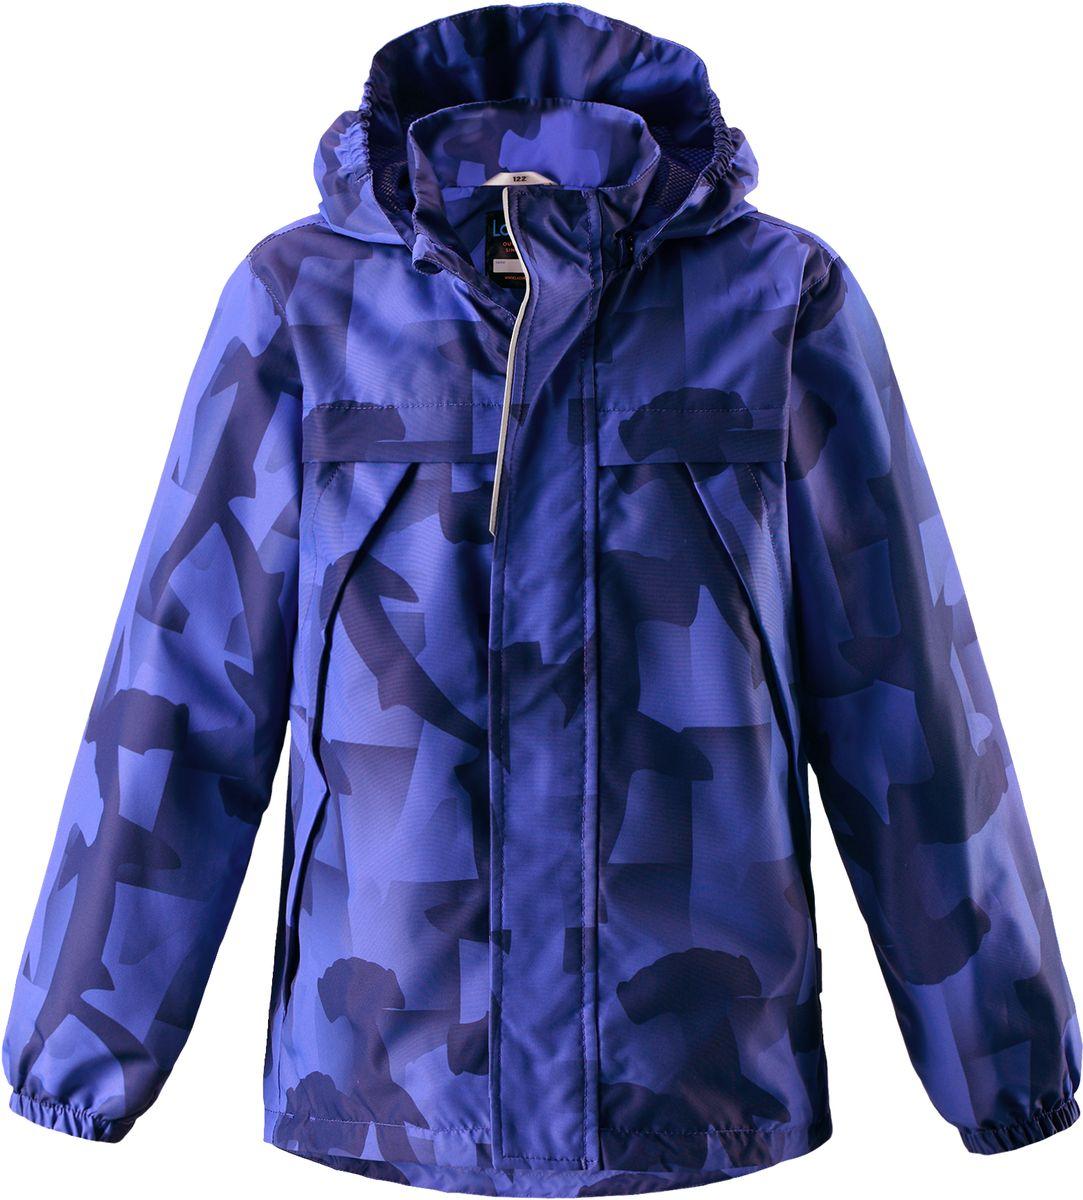 Куртка для мальчика Lassie, цвет: синий. 721707R6691. Размер 92721707R6691Легкая и удобная куртка для мальчиков на весенне-осенний период. Она изготовлена из водоотталкивающего и ветронепроницаемого, но при этом дышащего материала. Куртка снабжена дышащей и приятной на ощупь подкладкой на легком утеплителе, которая облегчает одевание. Съемный капюшон обеспечивает защиту от холодного ветра, а также безопасен во время игр на свежем воздухе! Благодаря регулируемому подолу эта модель свободного покроя отлично сидит по фигуре. Снабжена множеством продуманных элементов, например, передними карманами и эластичными манжетами.